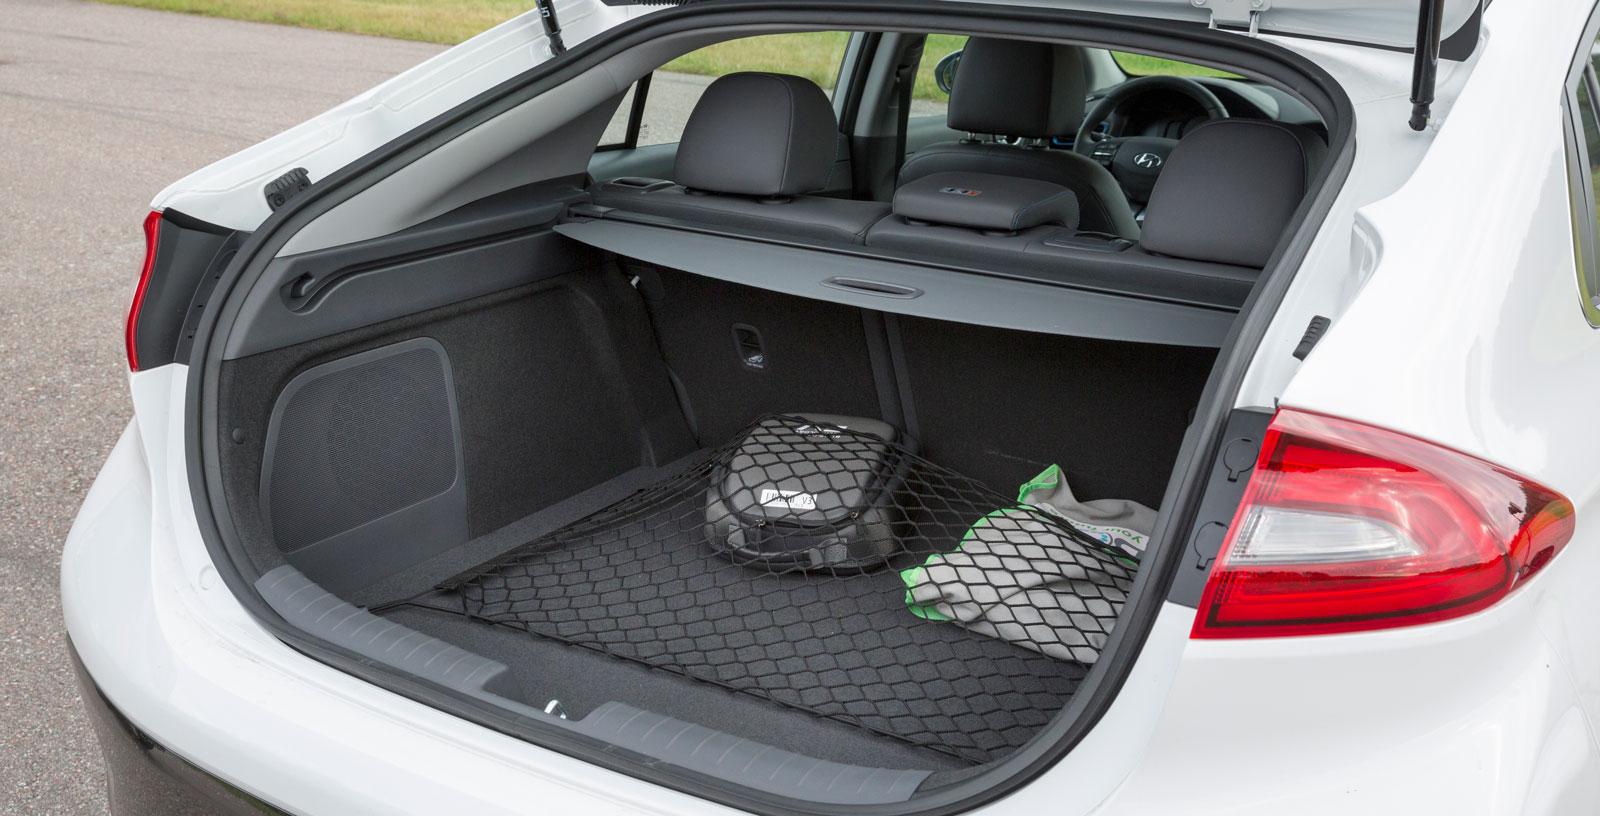 Störst bagagevolym i trion med 341 lastliter, men en bit efter vanliga hybriden som sväljer 443 liter. Under golvet göms ett stort fack där smutsiga laddsladdar smidigt kan stuvas undan. Hög lasttröskel är ett minus.